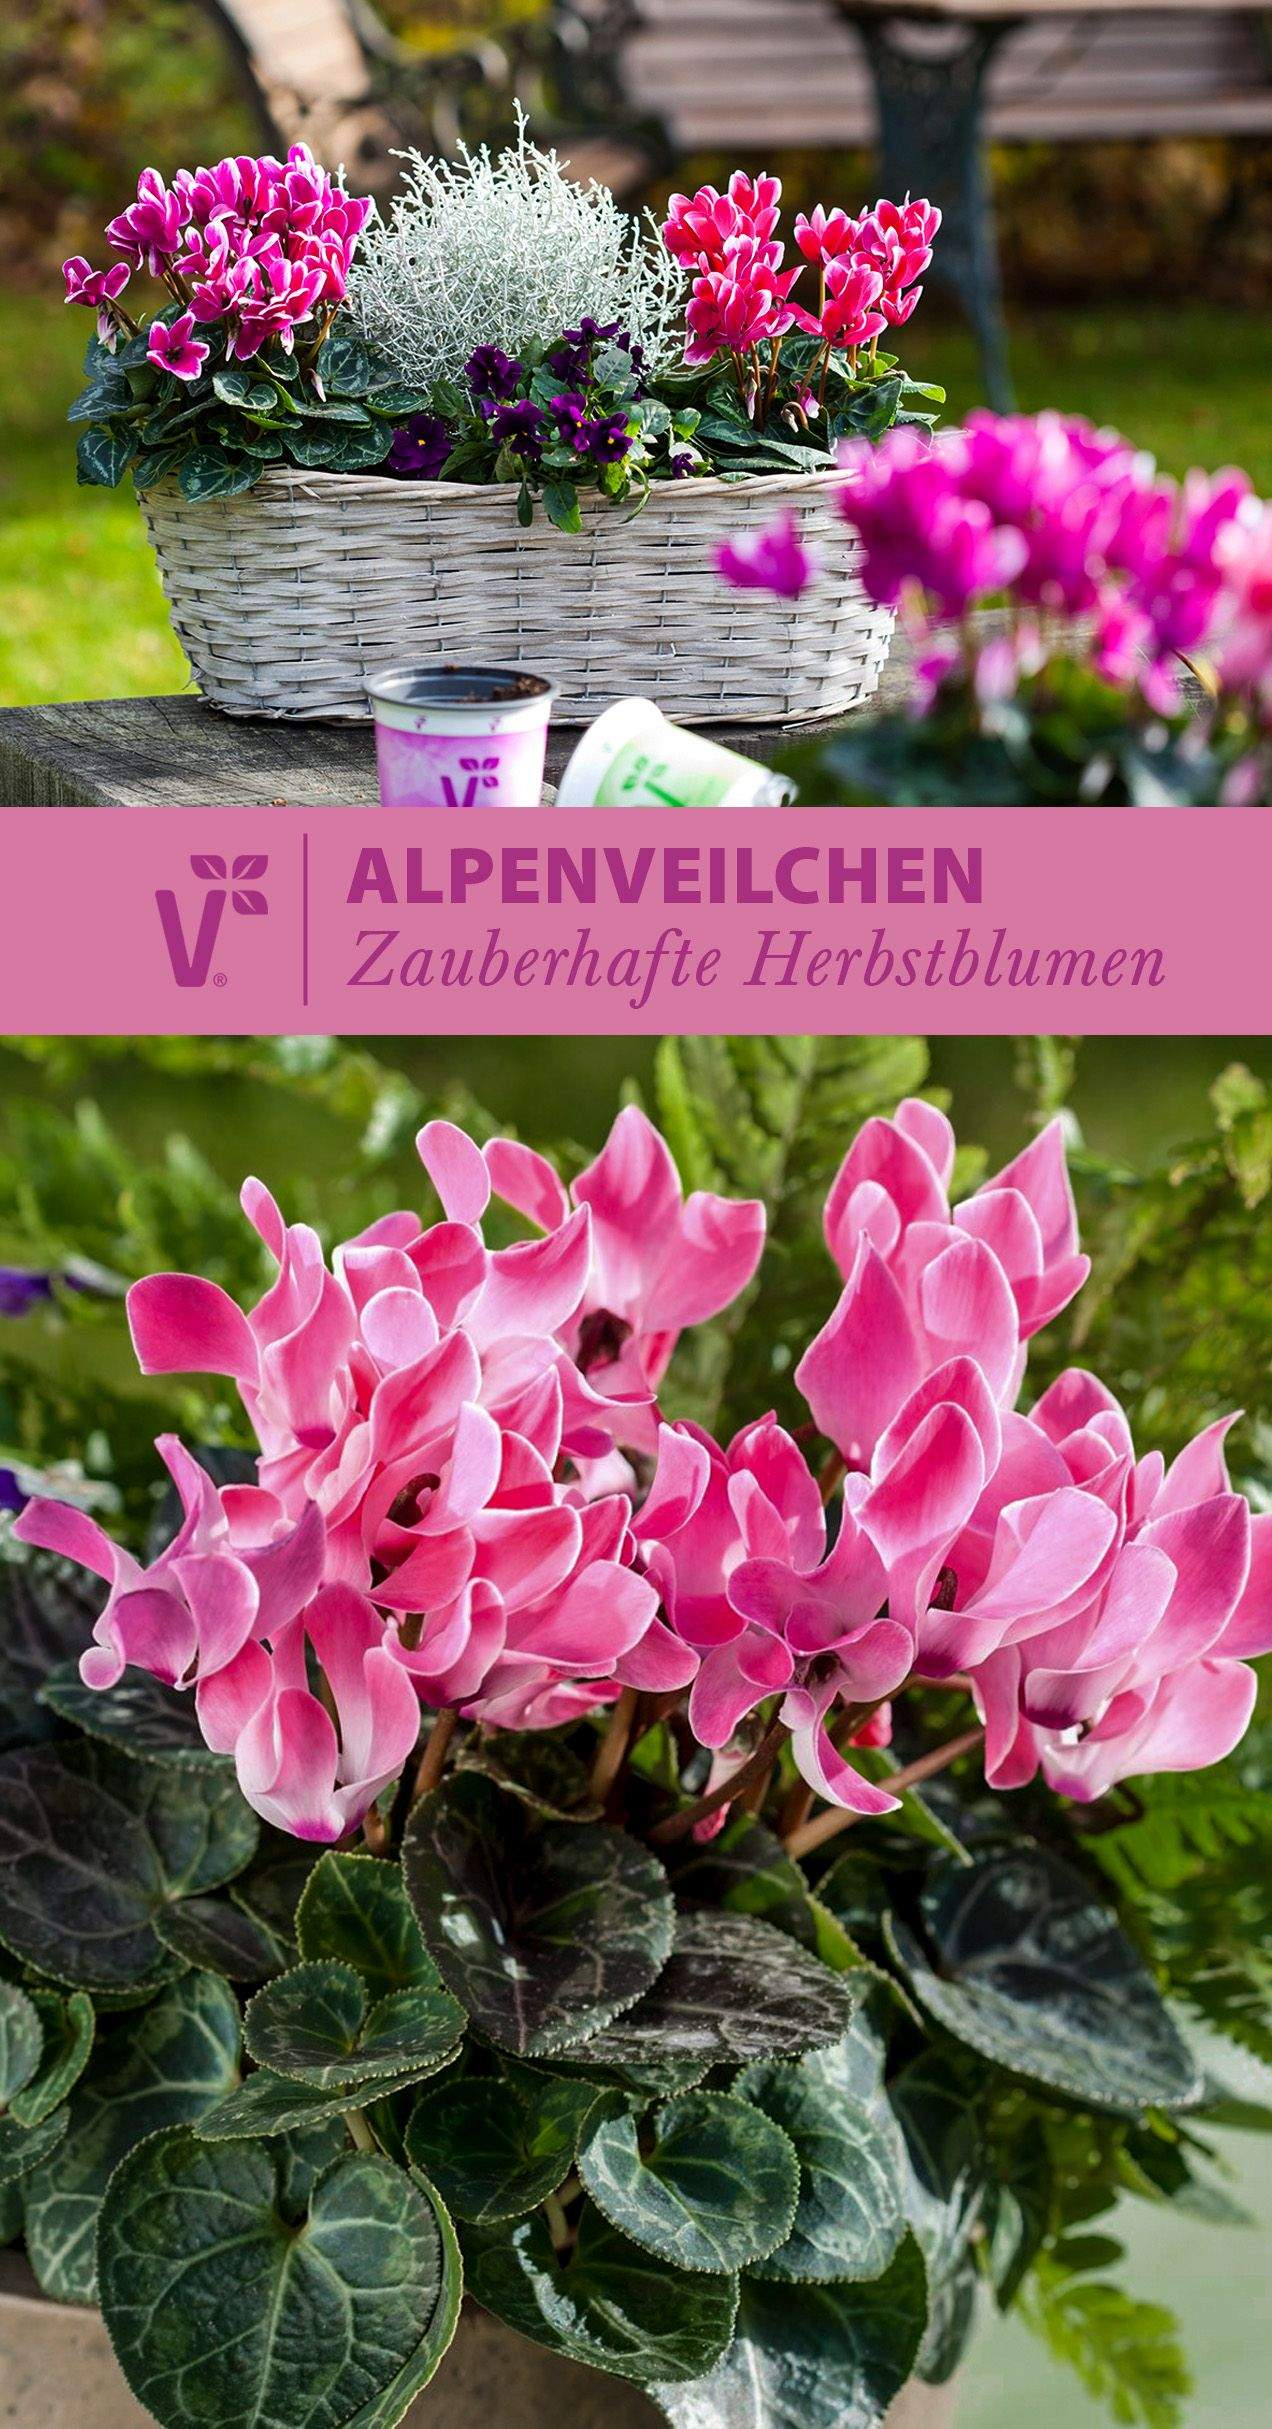 Herbstblumen Garten Winterhart Frisch Alpenveilchen Gehören Zu Den Herbstblumen Wunderschön